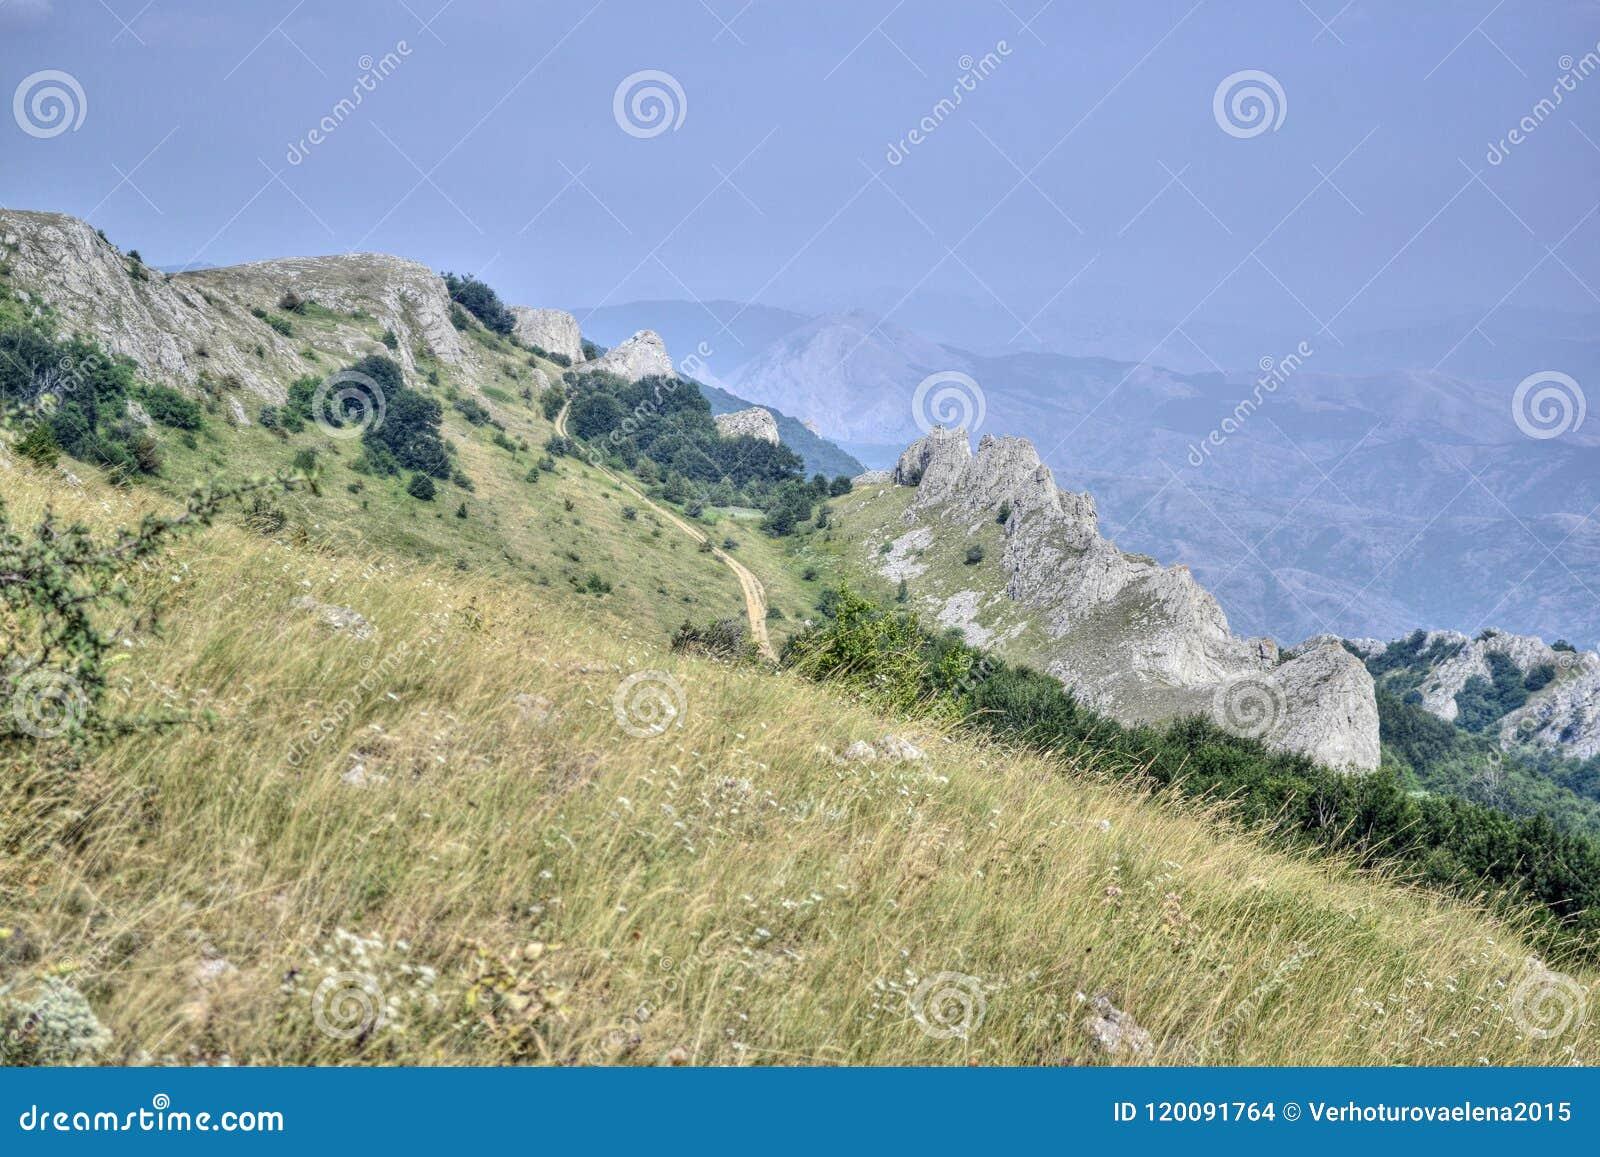 克里米亚山脉夏天风景被描述的桌面的屏幕保护程序